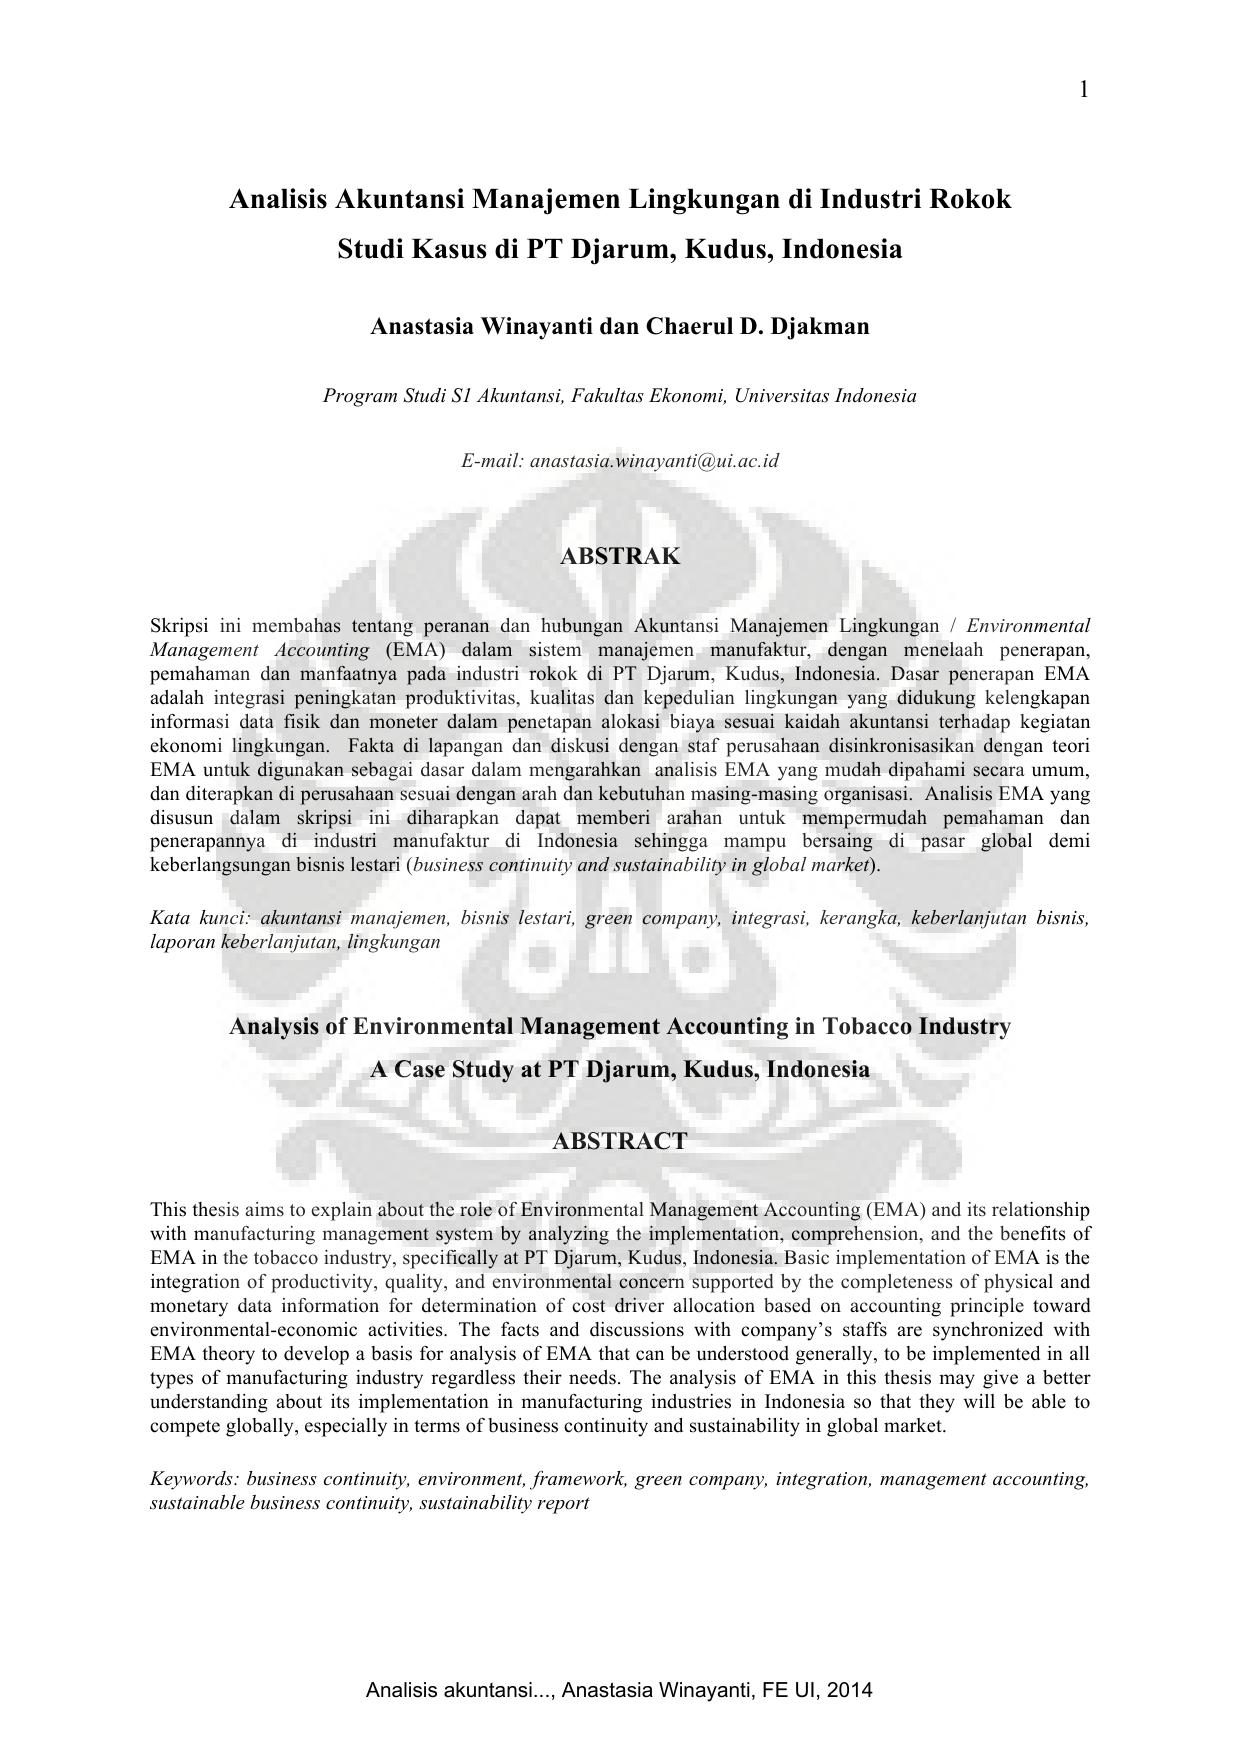 Analisis Akuntansi Manajemen Lingkungan Di Industri Rokok Studi